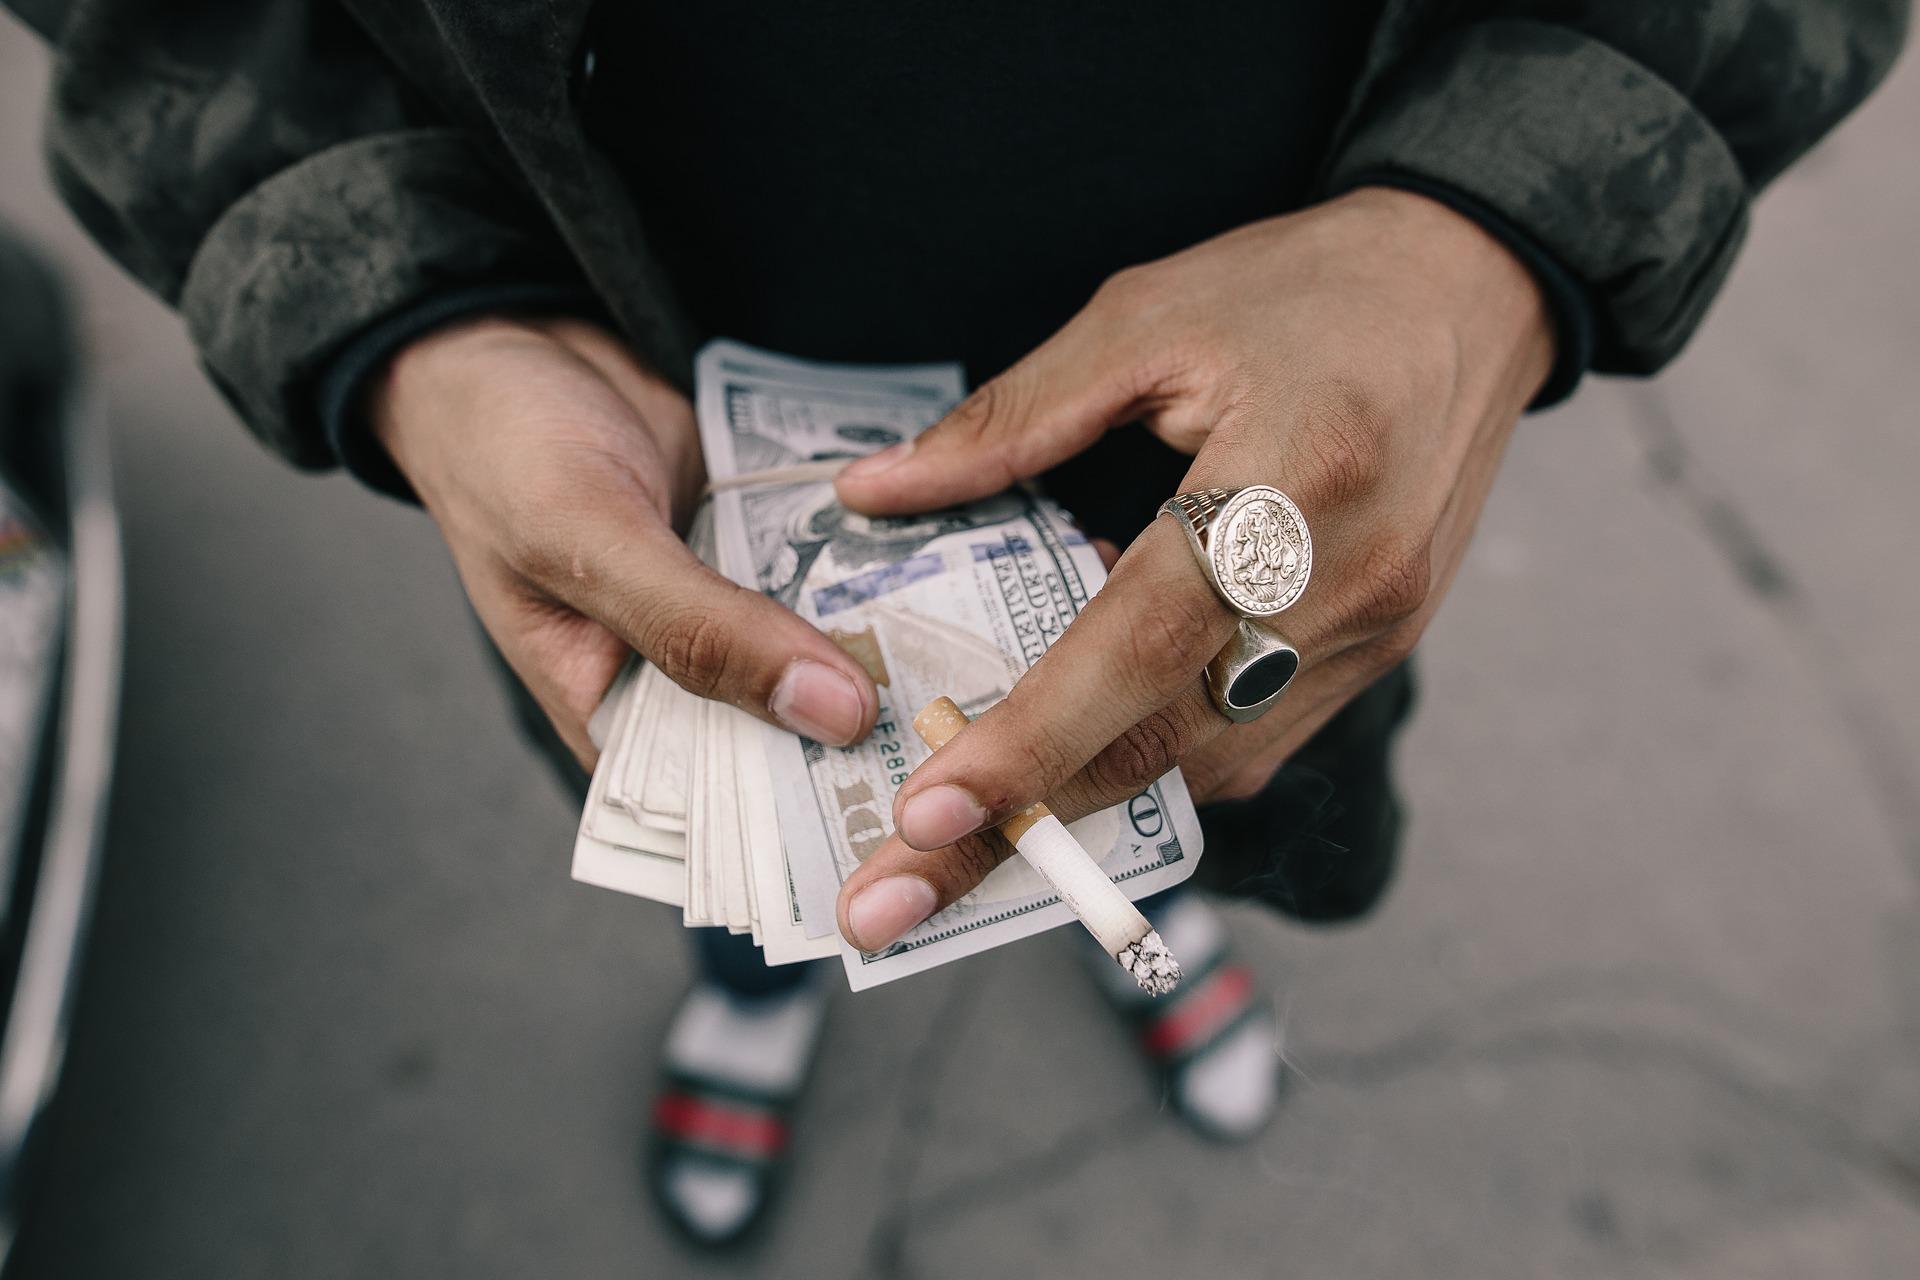 2022 タバコ 値上げ 【たばこ税増税】タバコ1箱550円は通過点に過ぎない?知っておきたいタバコの税金の話。